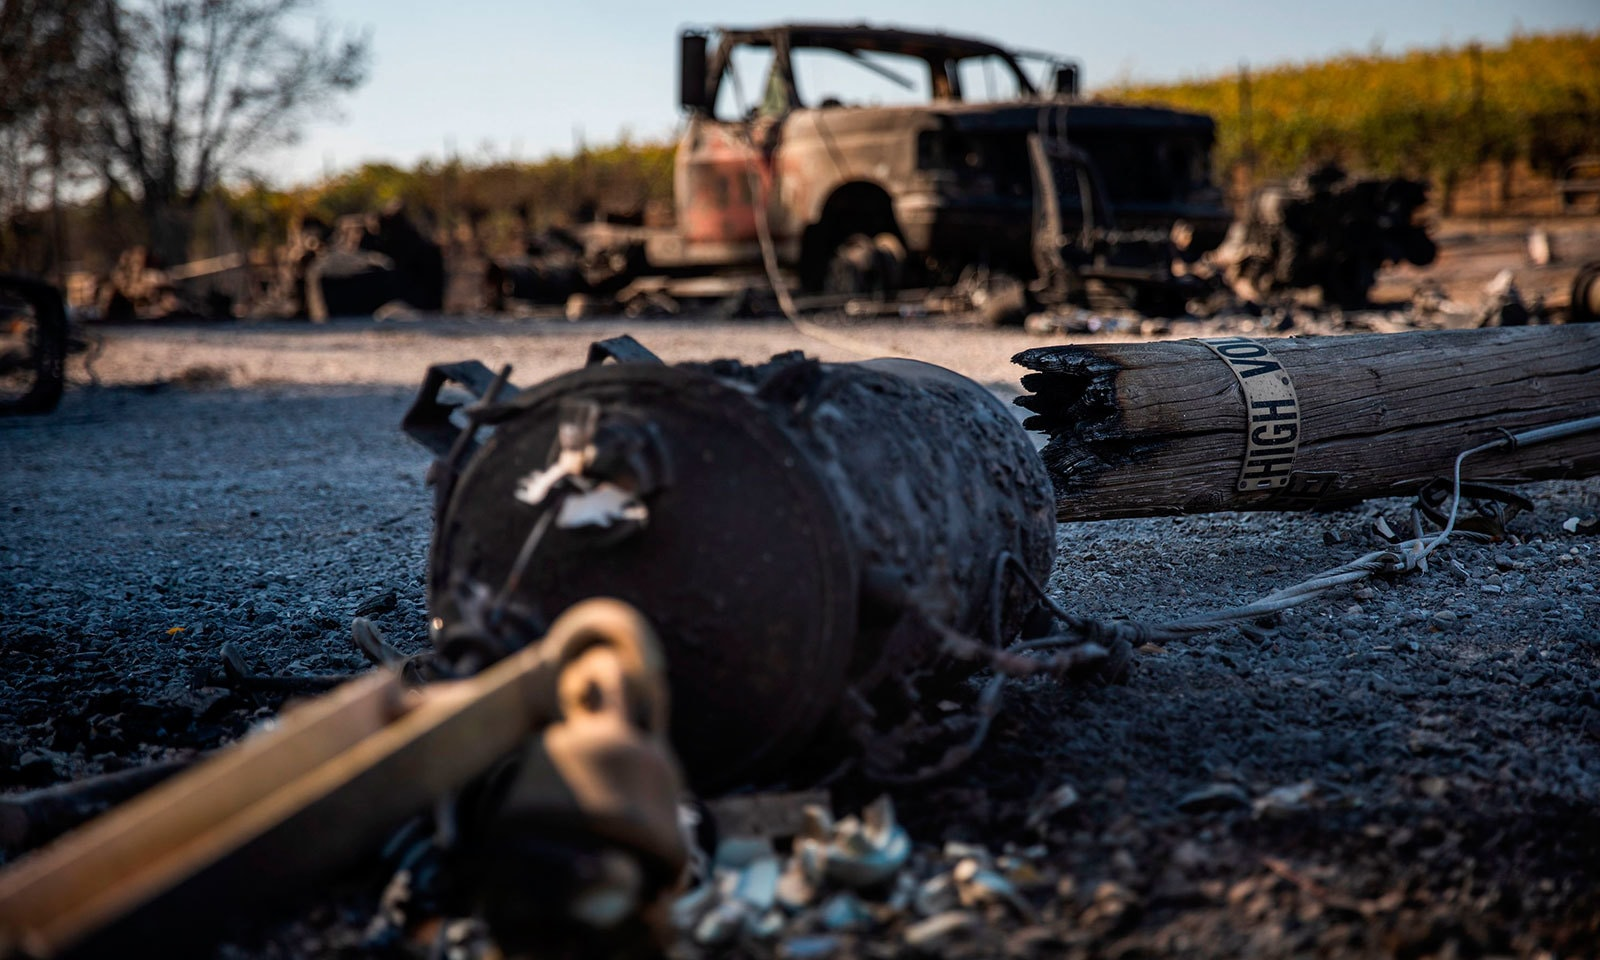 امریکی ریاست میں لگنے والے آگ نے سرکاری املاک کو بھی نقصان پہنچایا—فوٹو:اے ایف پی